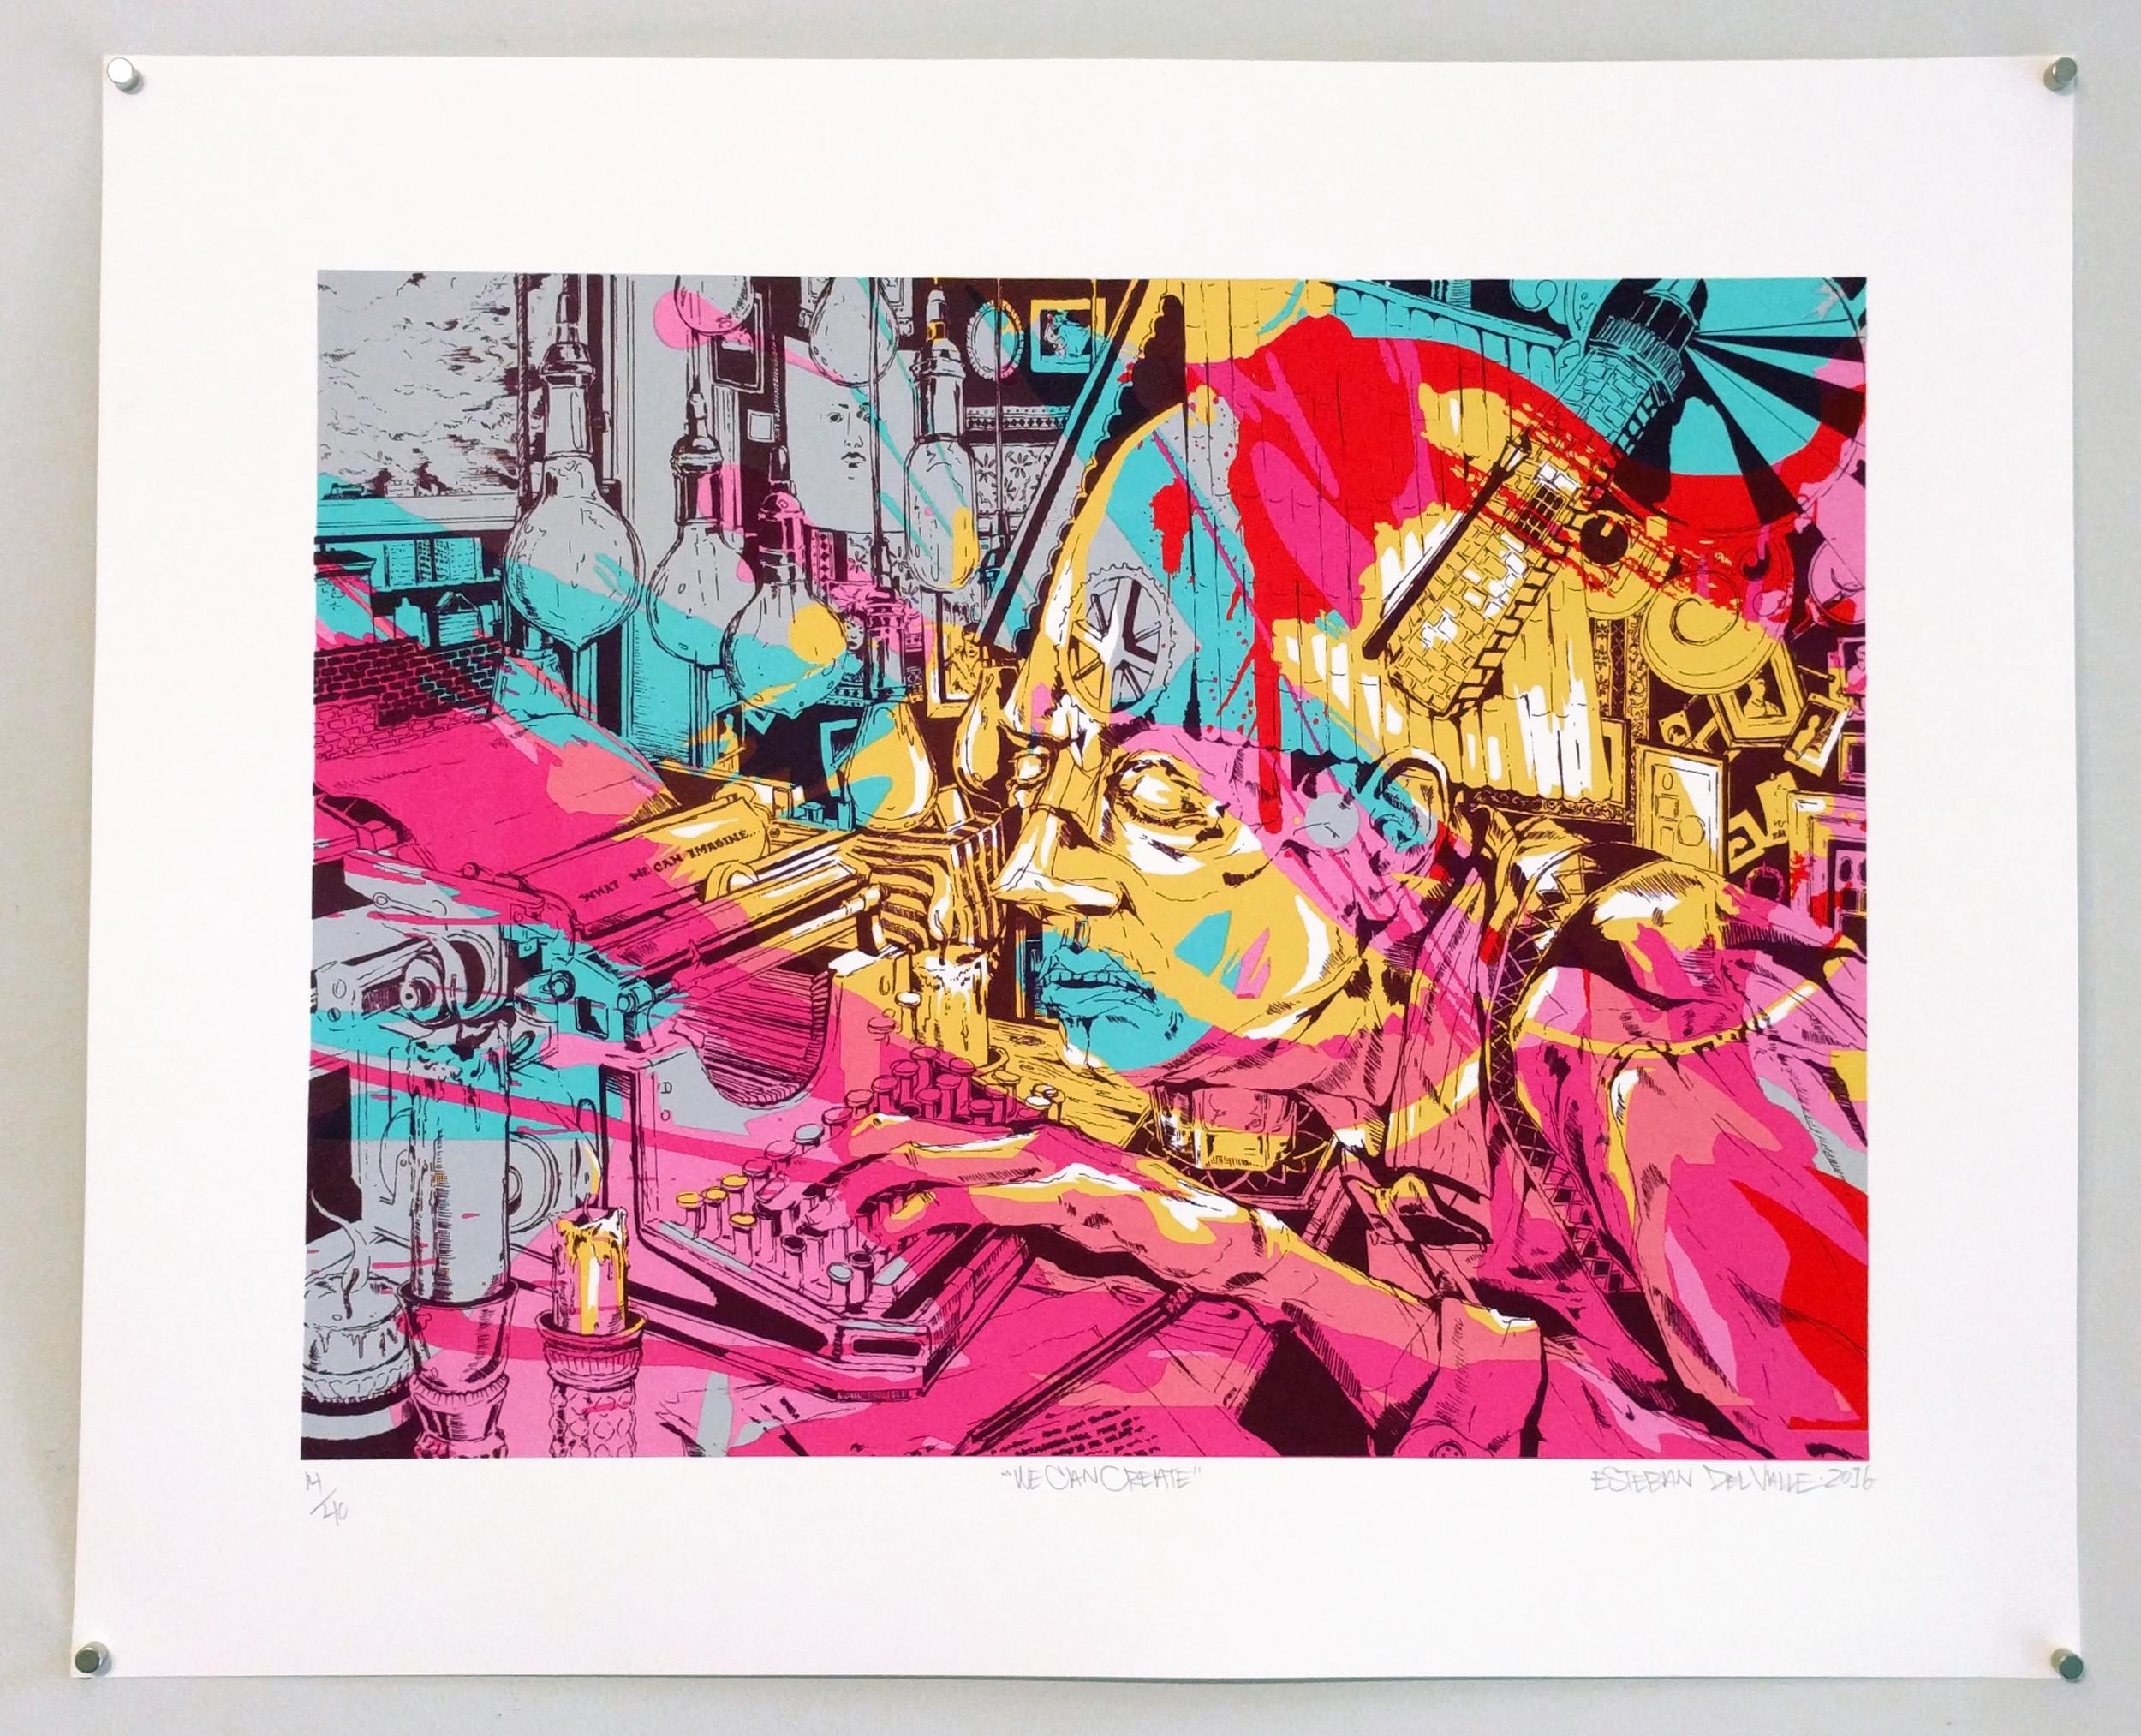 """Esteban del Valle """"We Can Create"""" 2016 8 color silkscreen print, ed. 14/40, 14½ x 18¾ in."""